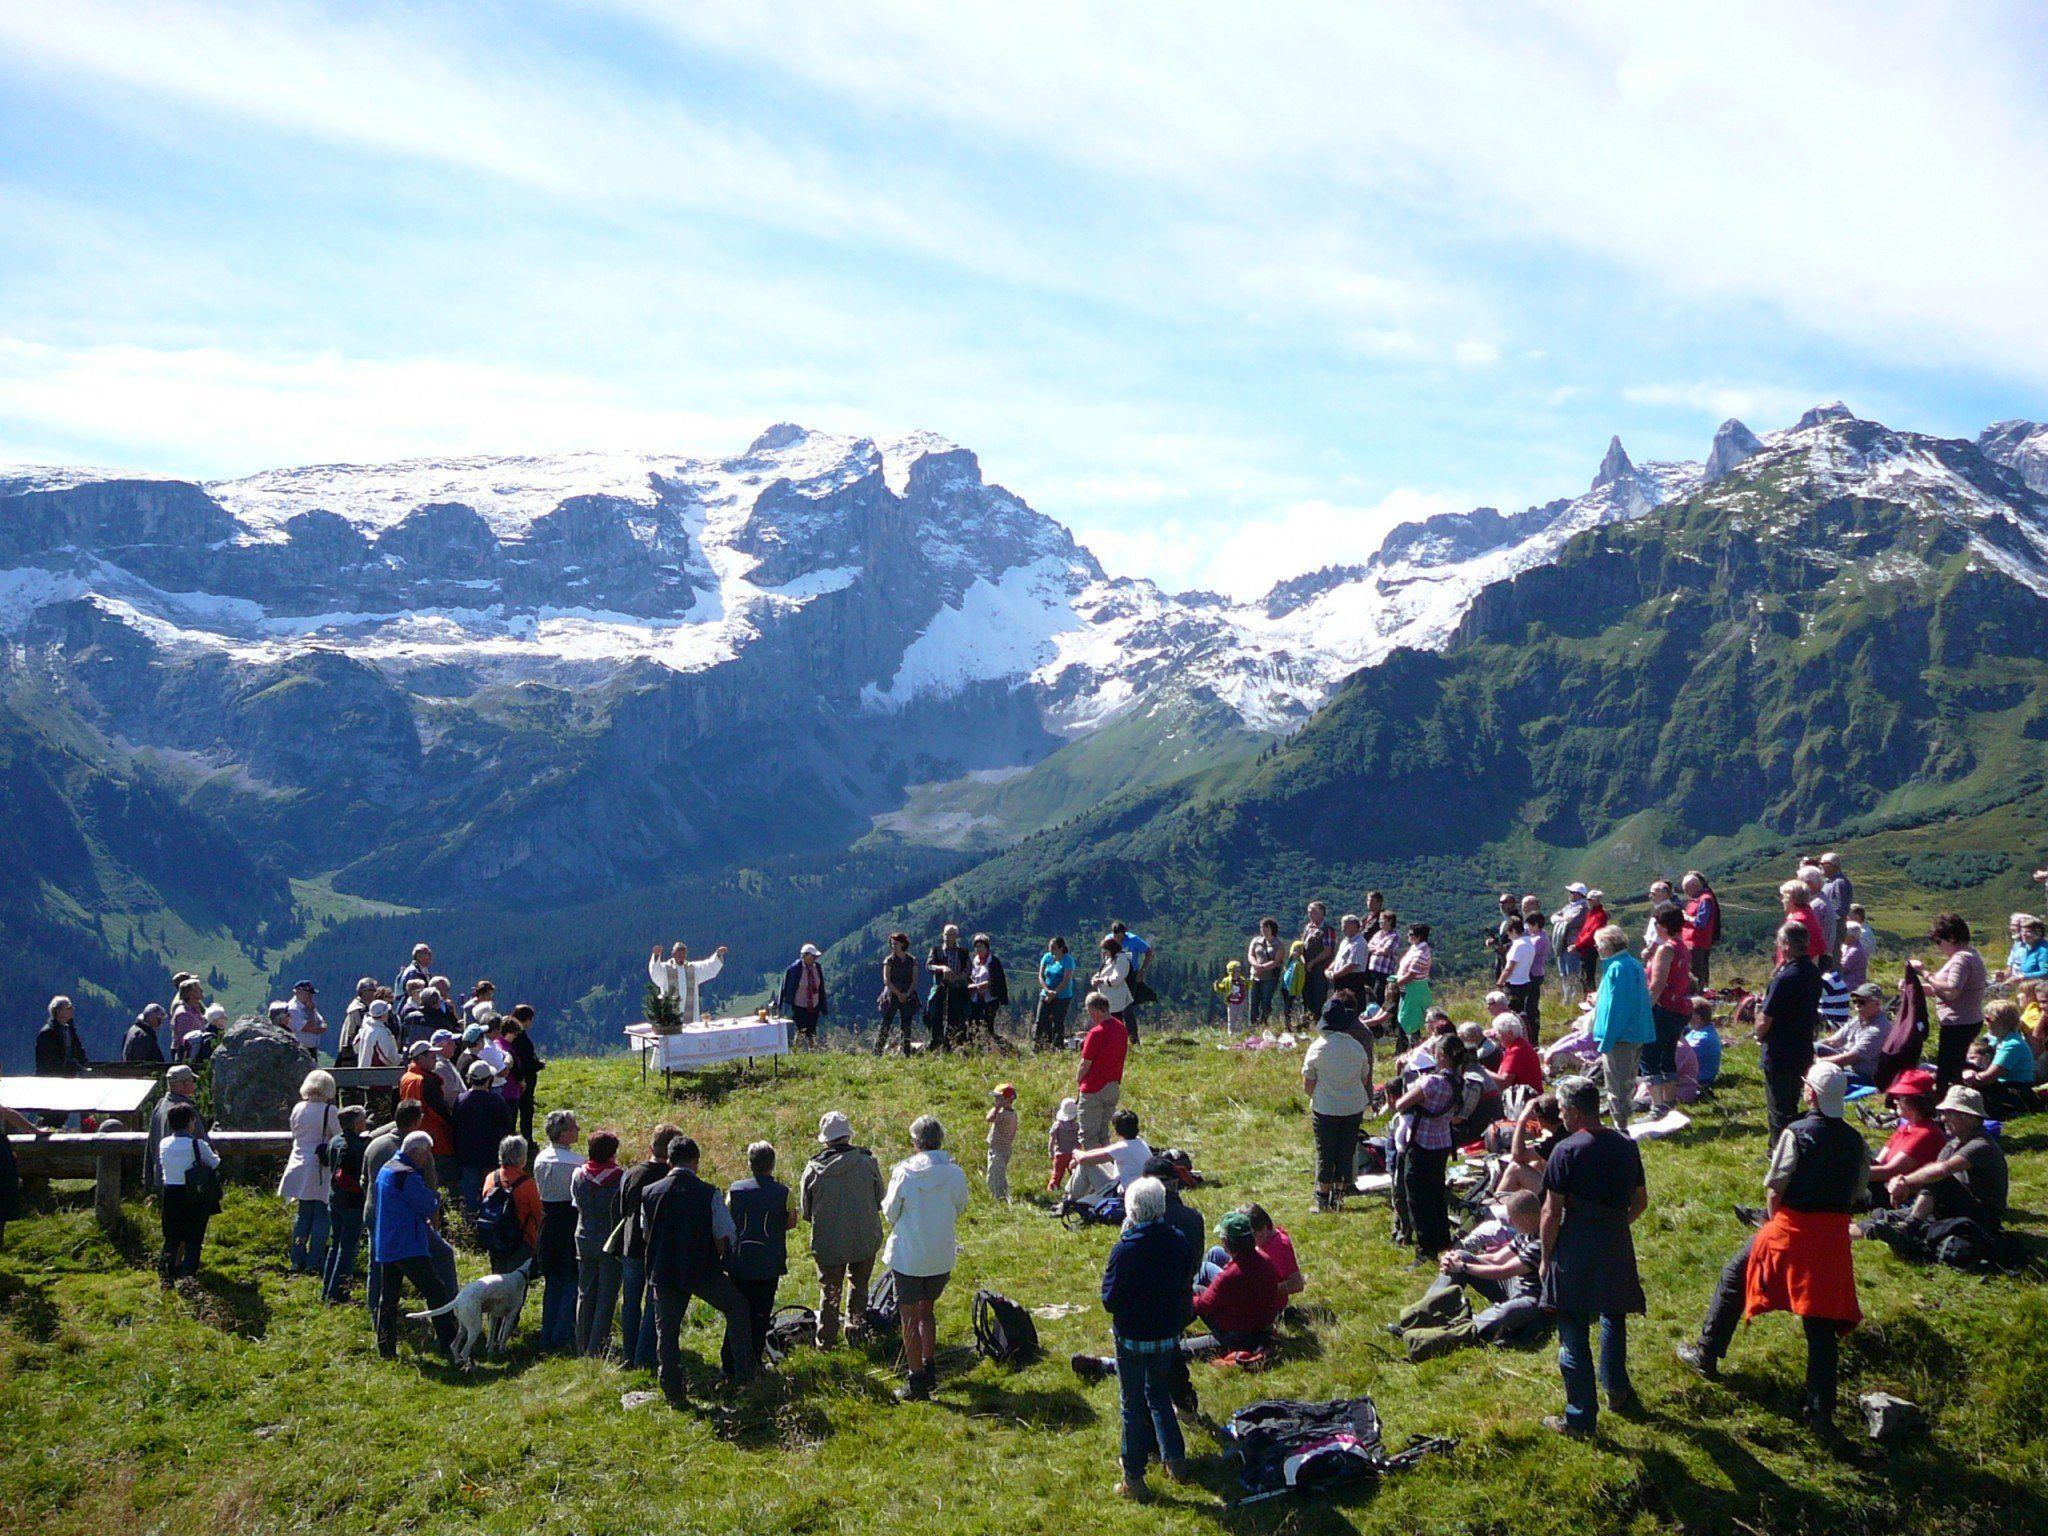 Musikalische Umrahmung der Lautertälern mit ihren Alphörnern.